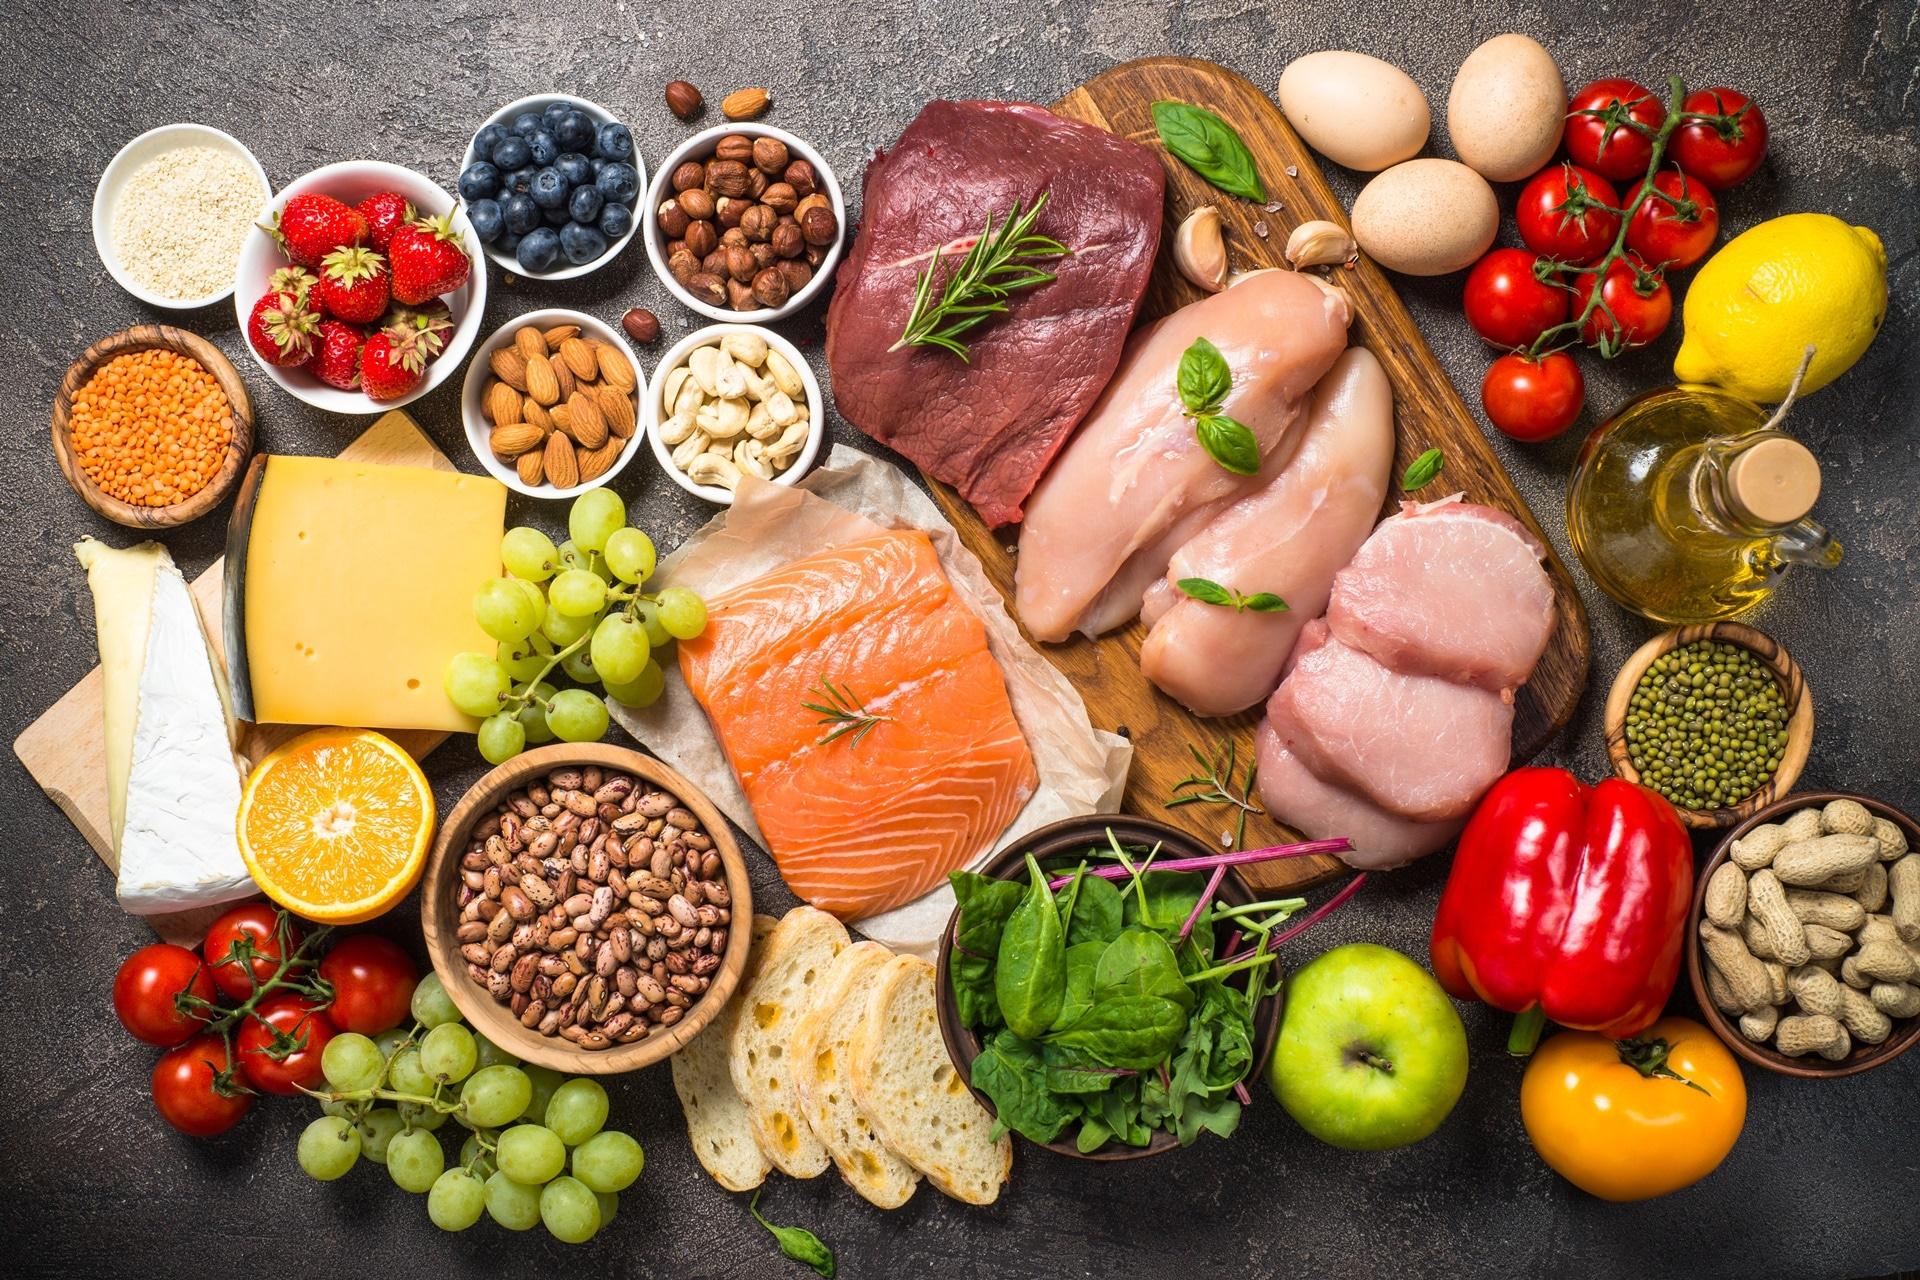 高タンパク・低糖質な食事がダイエットの鍵!理由やレシピを大公開 | お役立情報